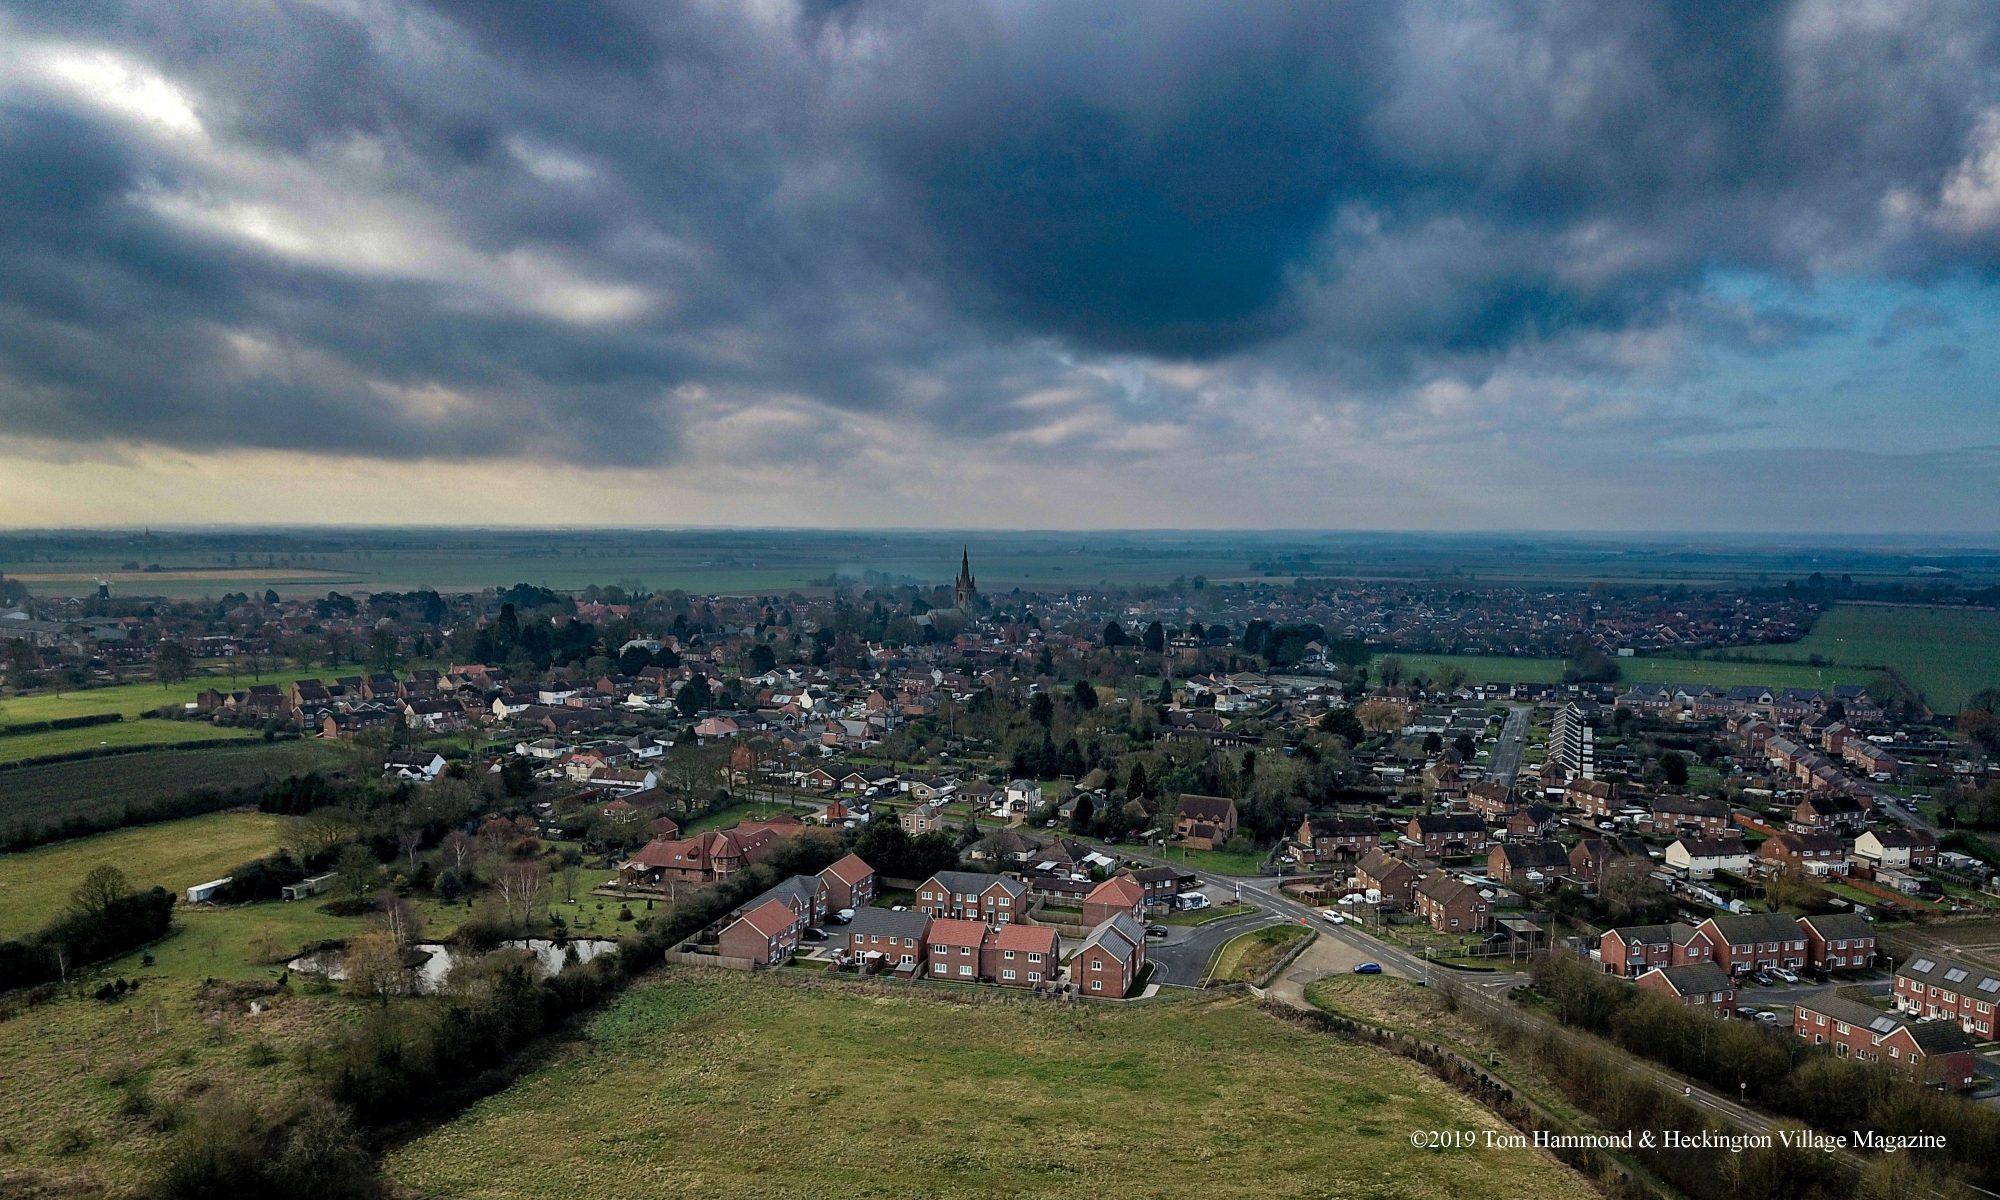 Heckington Living